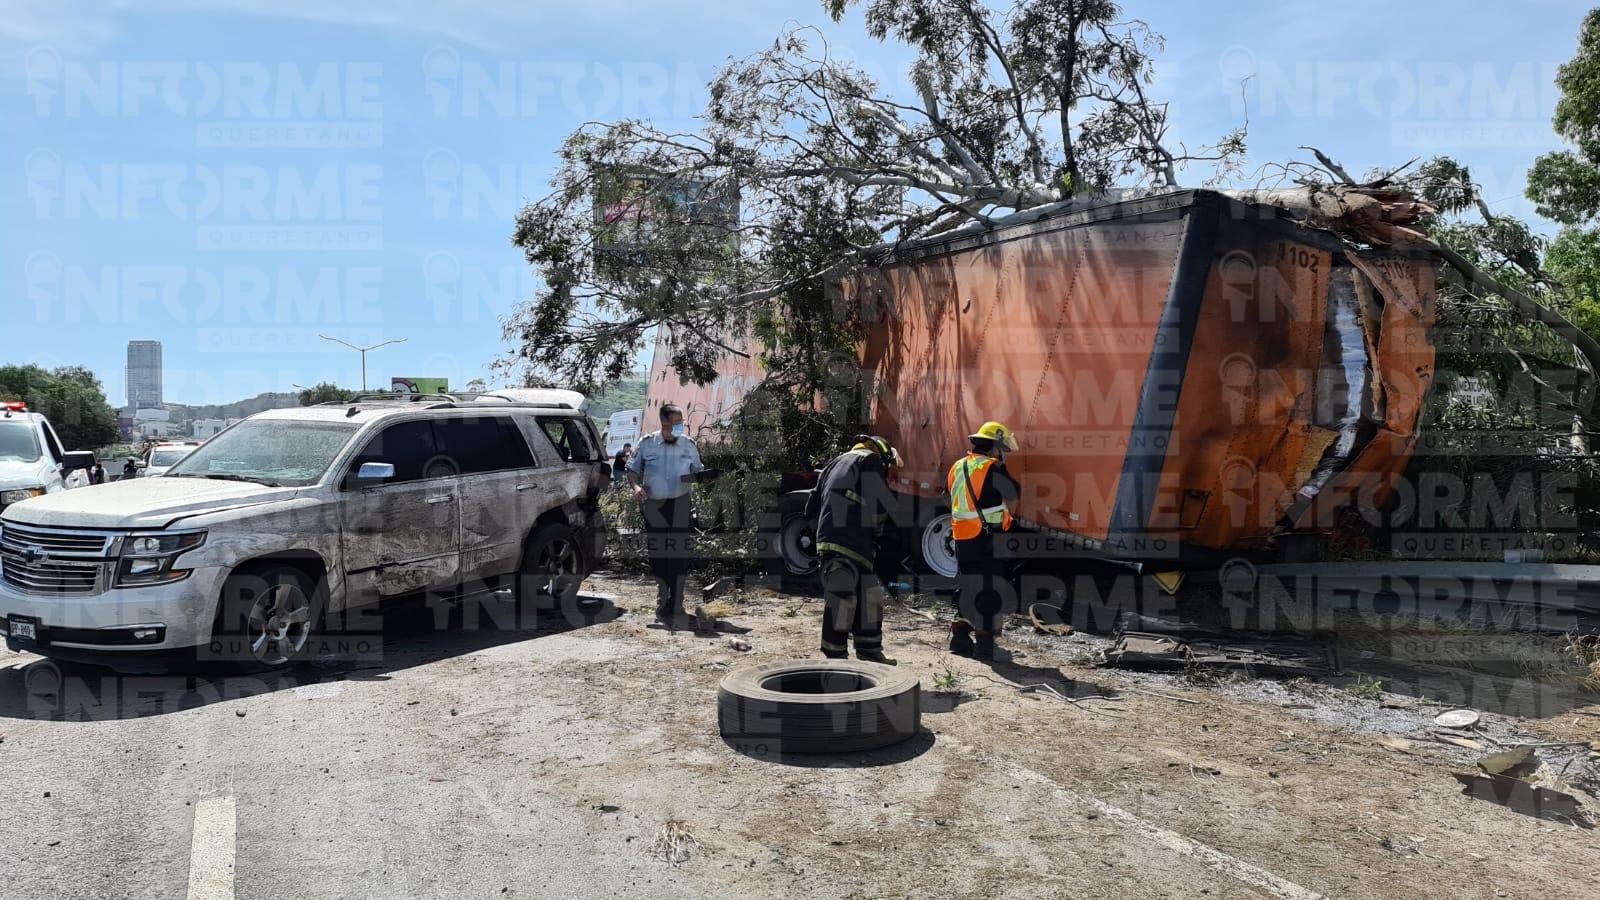 PC municipal ha colaborado en cuatro accidentes con camiones de carga involucrados en la 57